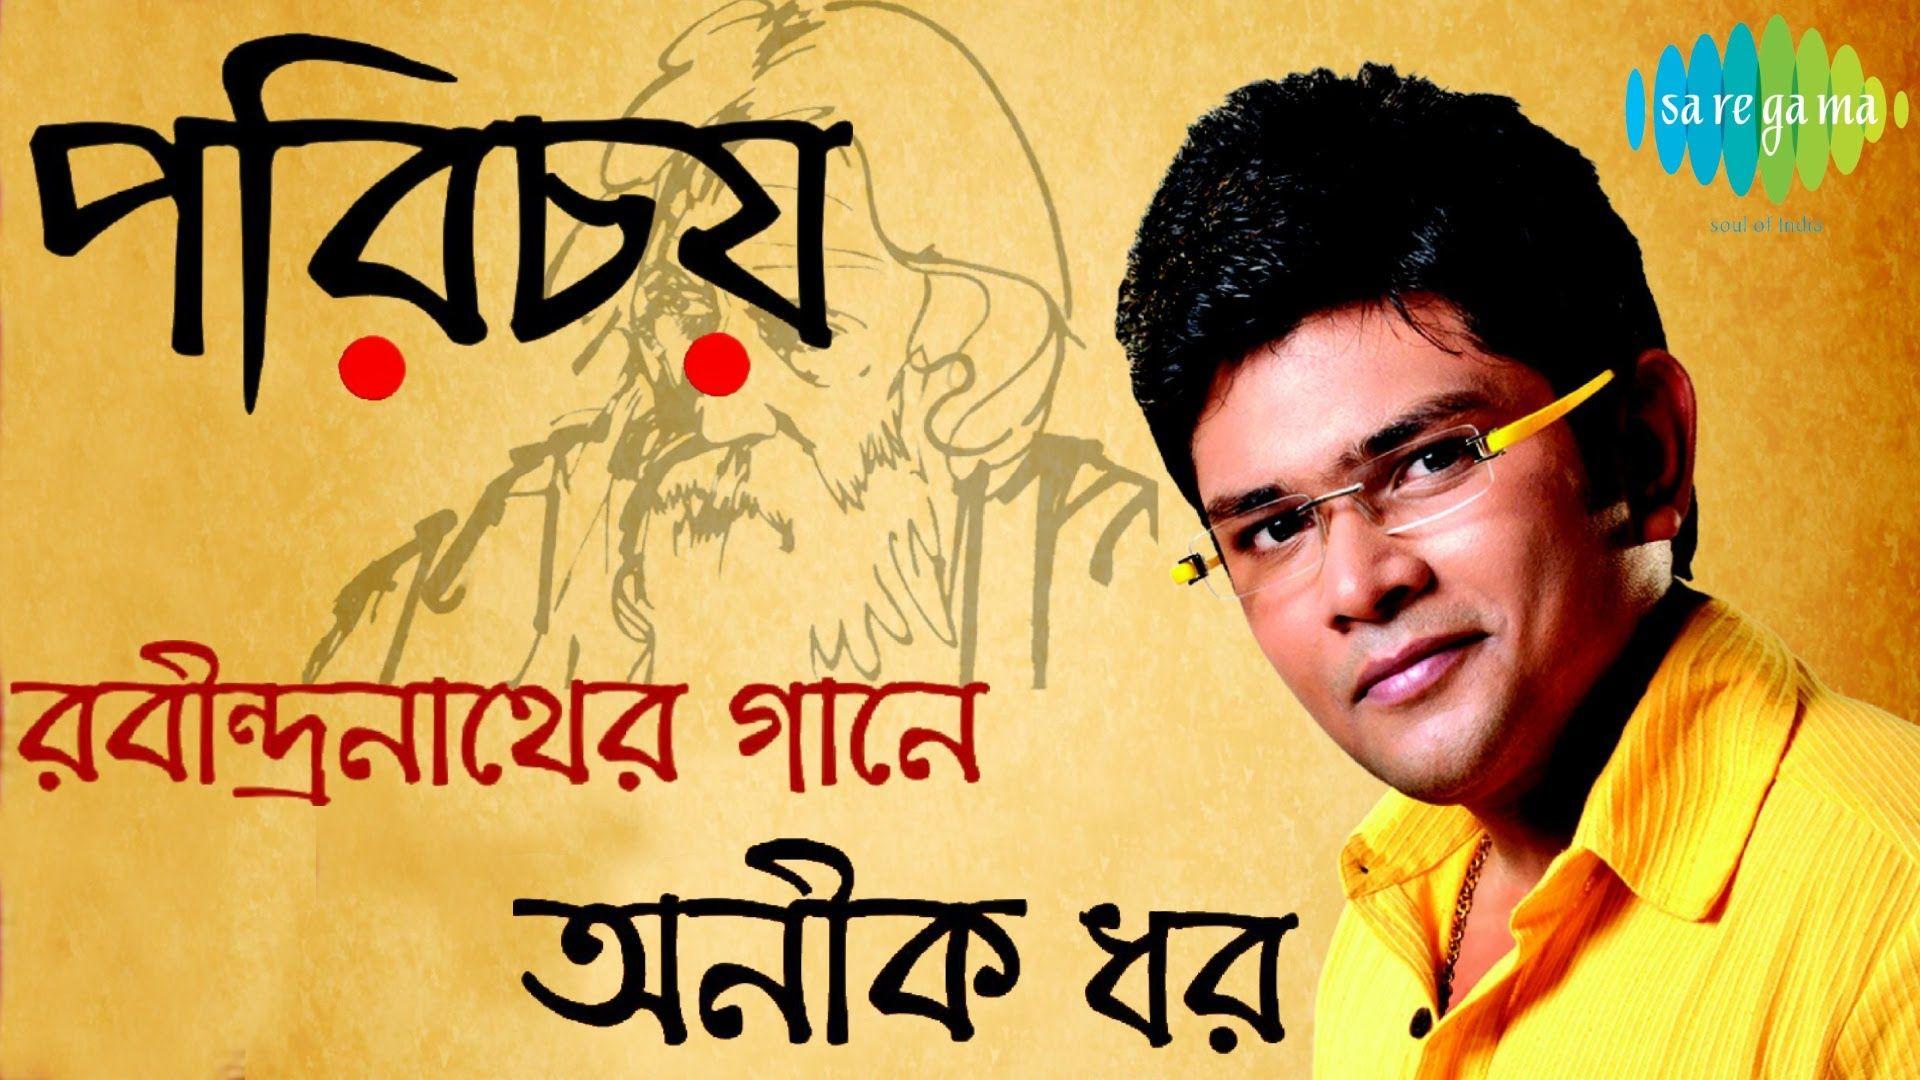 Album : Porichoy Singer : Aneek Dhar Aneek Dhar, winner of